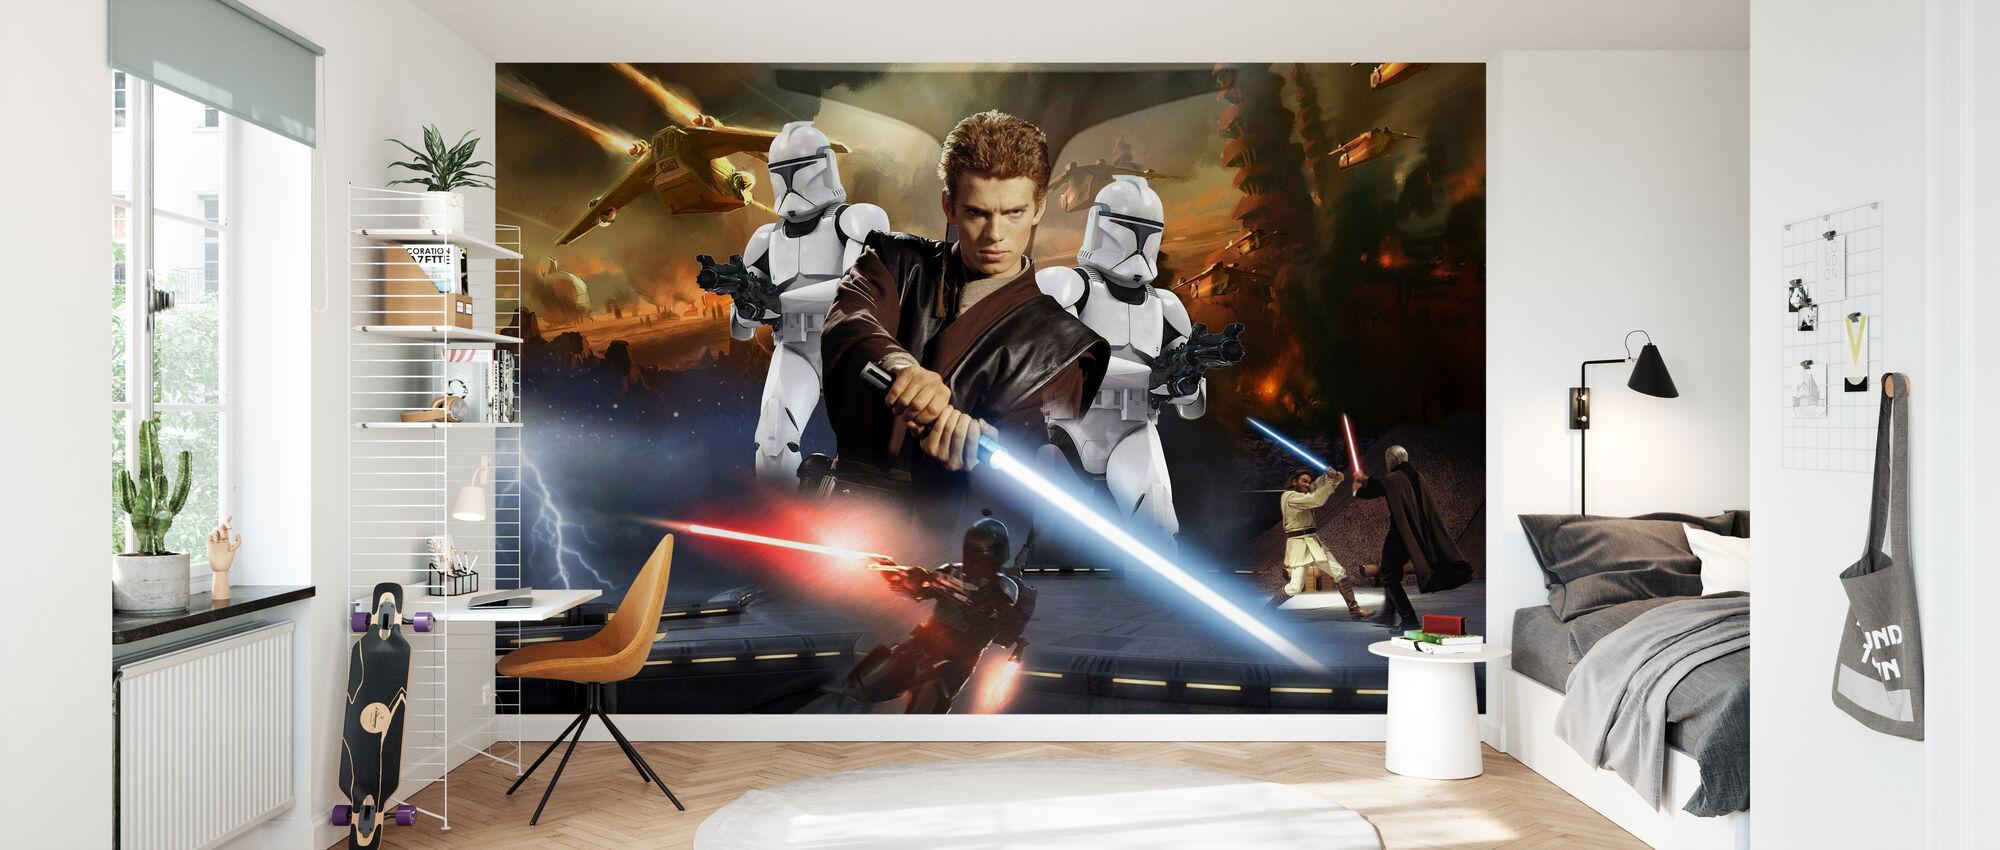 Star Wars - Anakin Skywalker og klon troopers - Tapet - Børneværelse